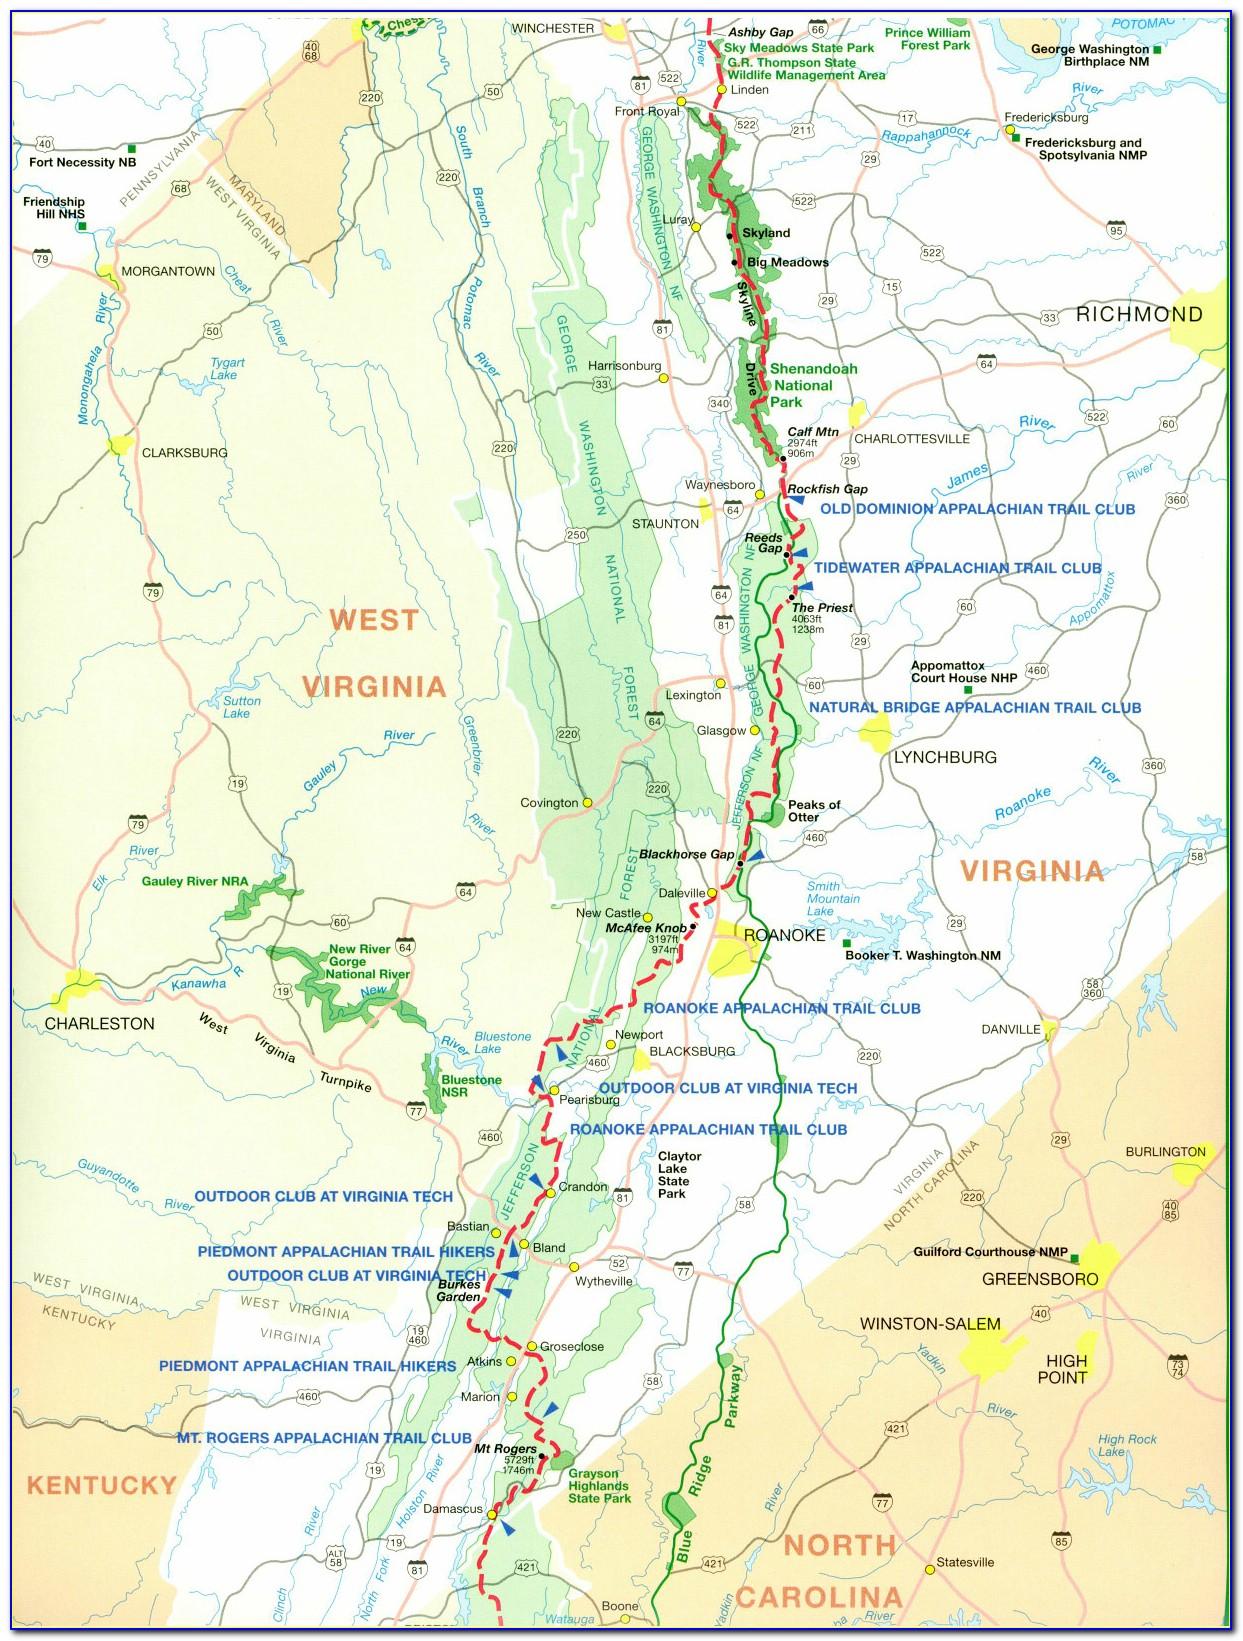 Appalachian Trail Guide Online